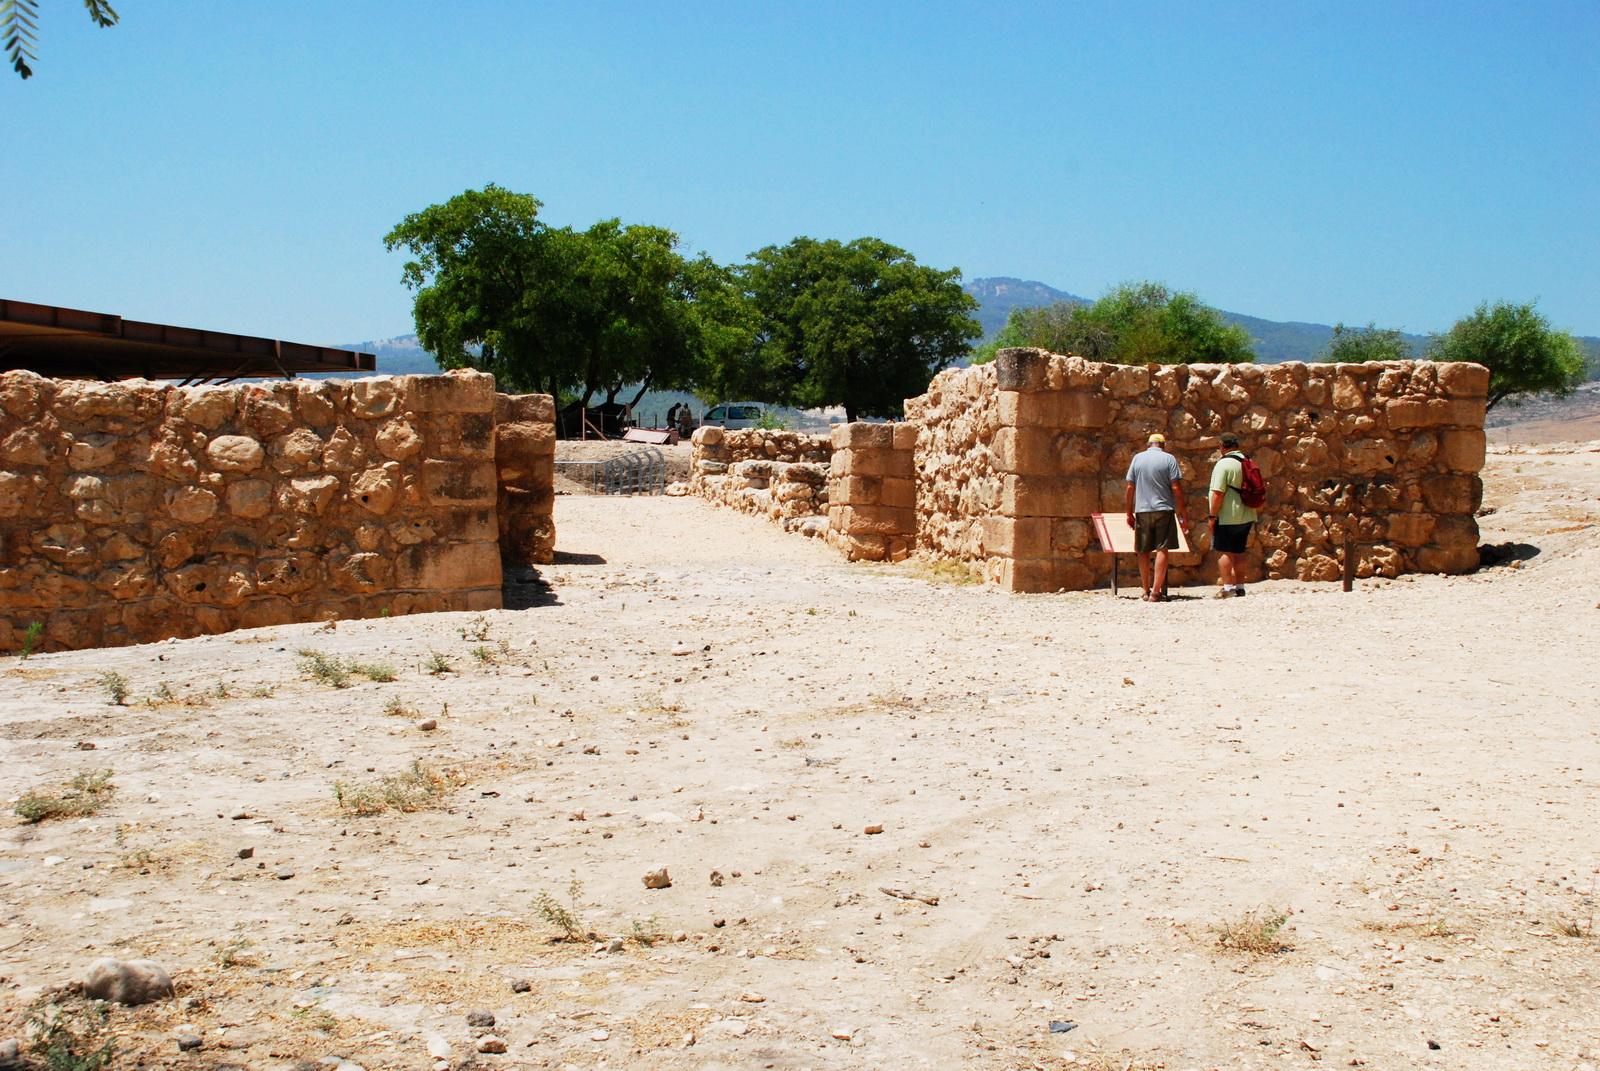 גליל עליון - תל חצור - אחת מערי שלמה (ועוד הרבה לפניו) - שער העיר מימי שלמה